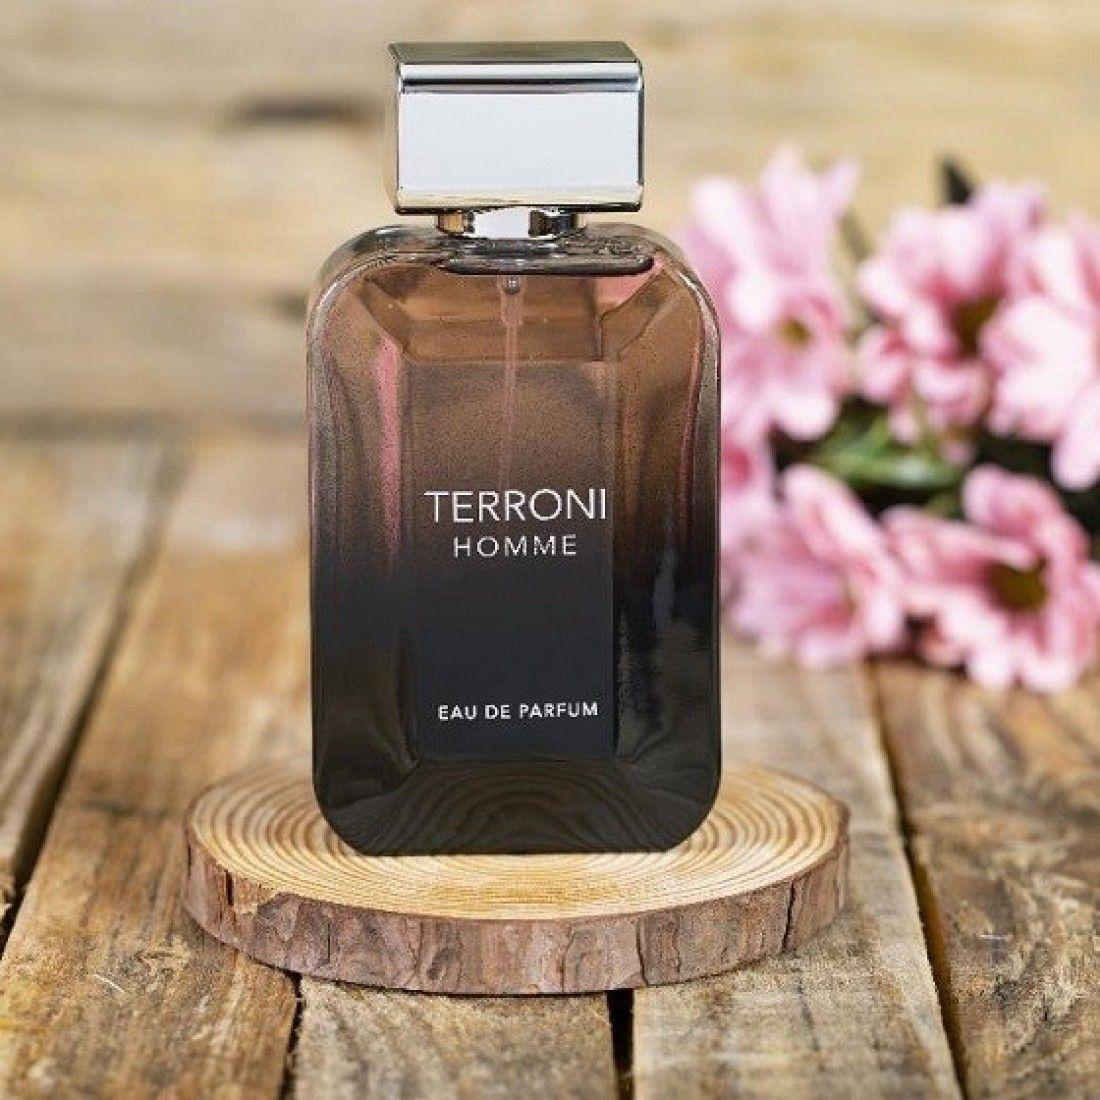 عطر صمام تيروني هوم او دو بارفيوم 100مل Perfume Bottles Perfume Bottle